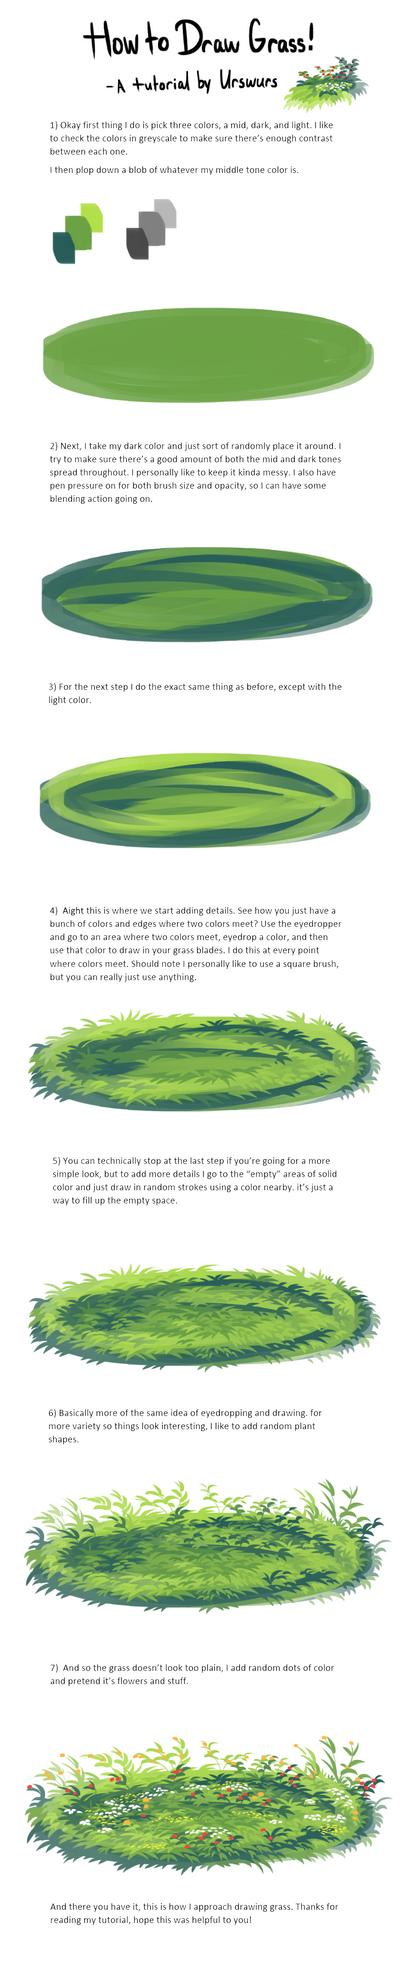 A Grass Tutorial